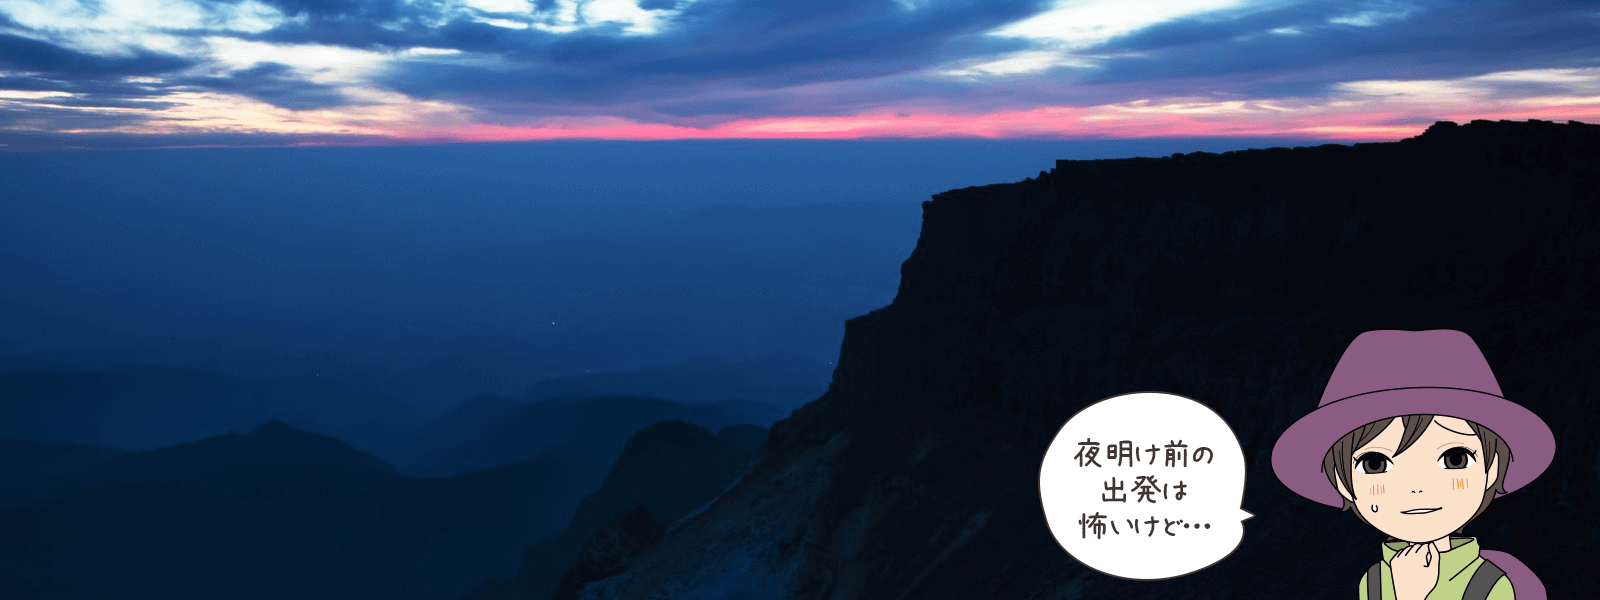 夜明け前の登山開始は怖いけどなイラスト